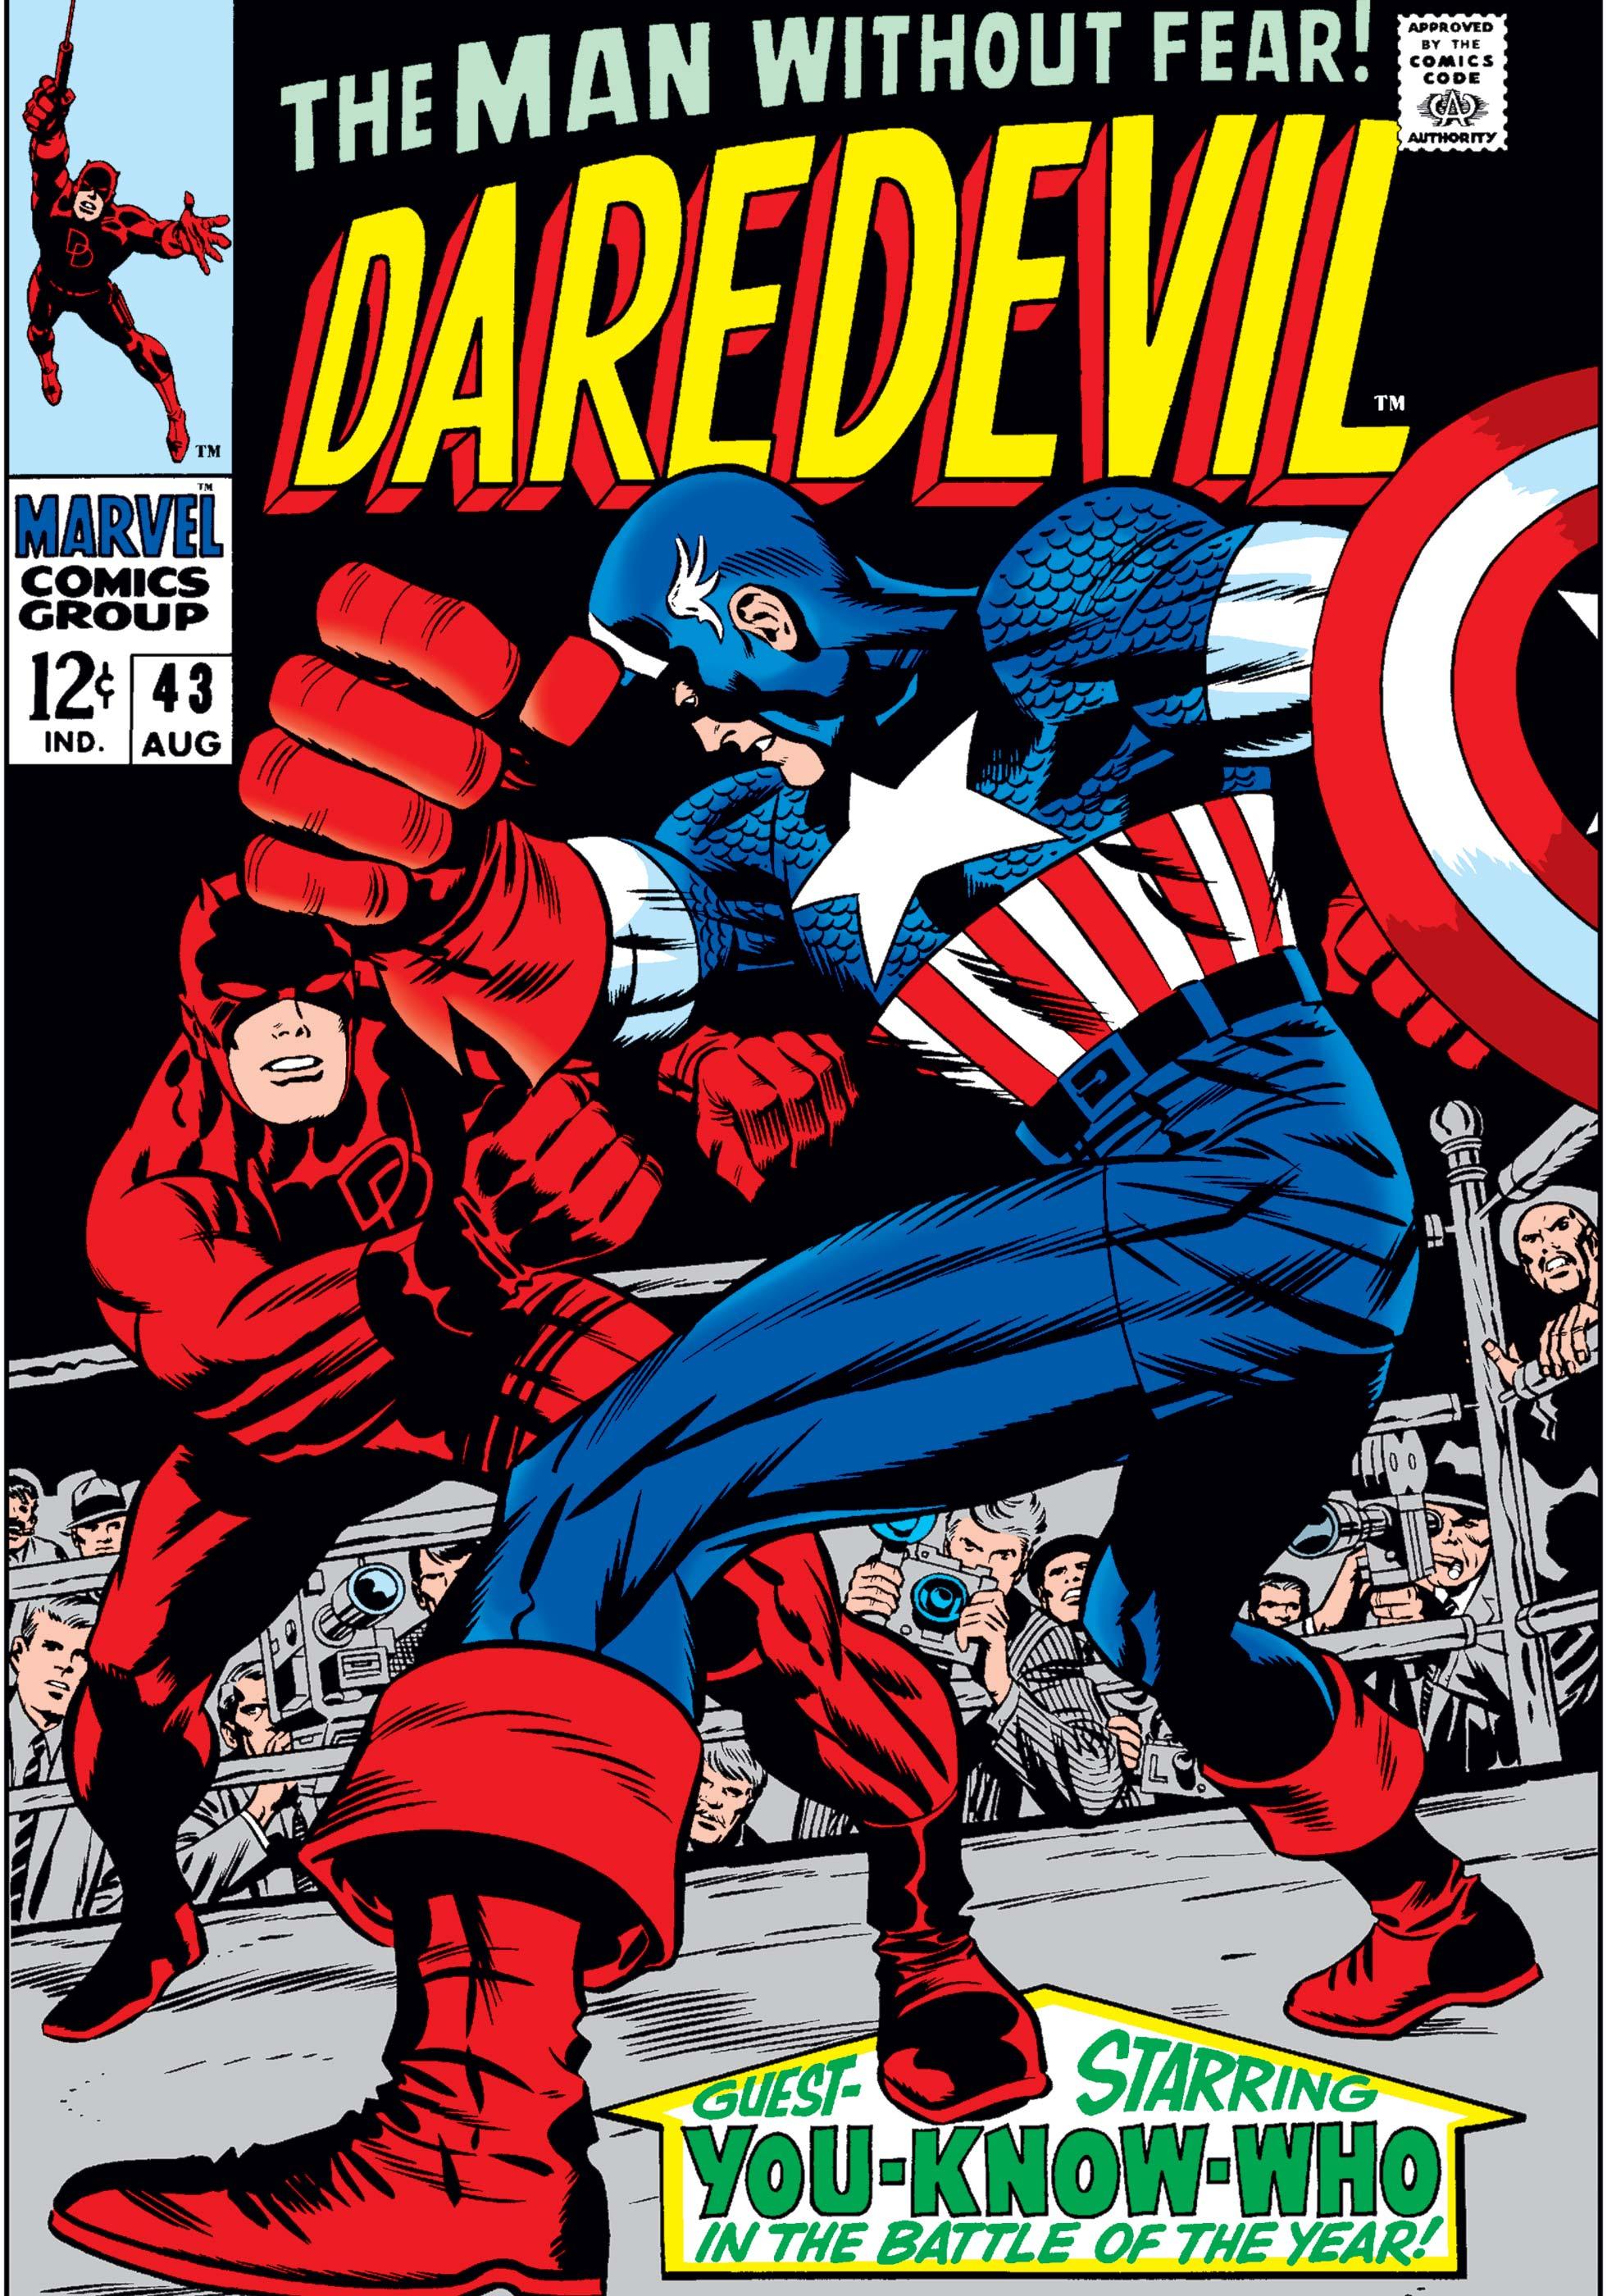 Daredevil (1964) #43